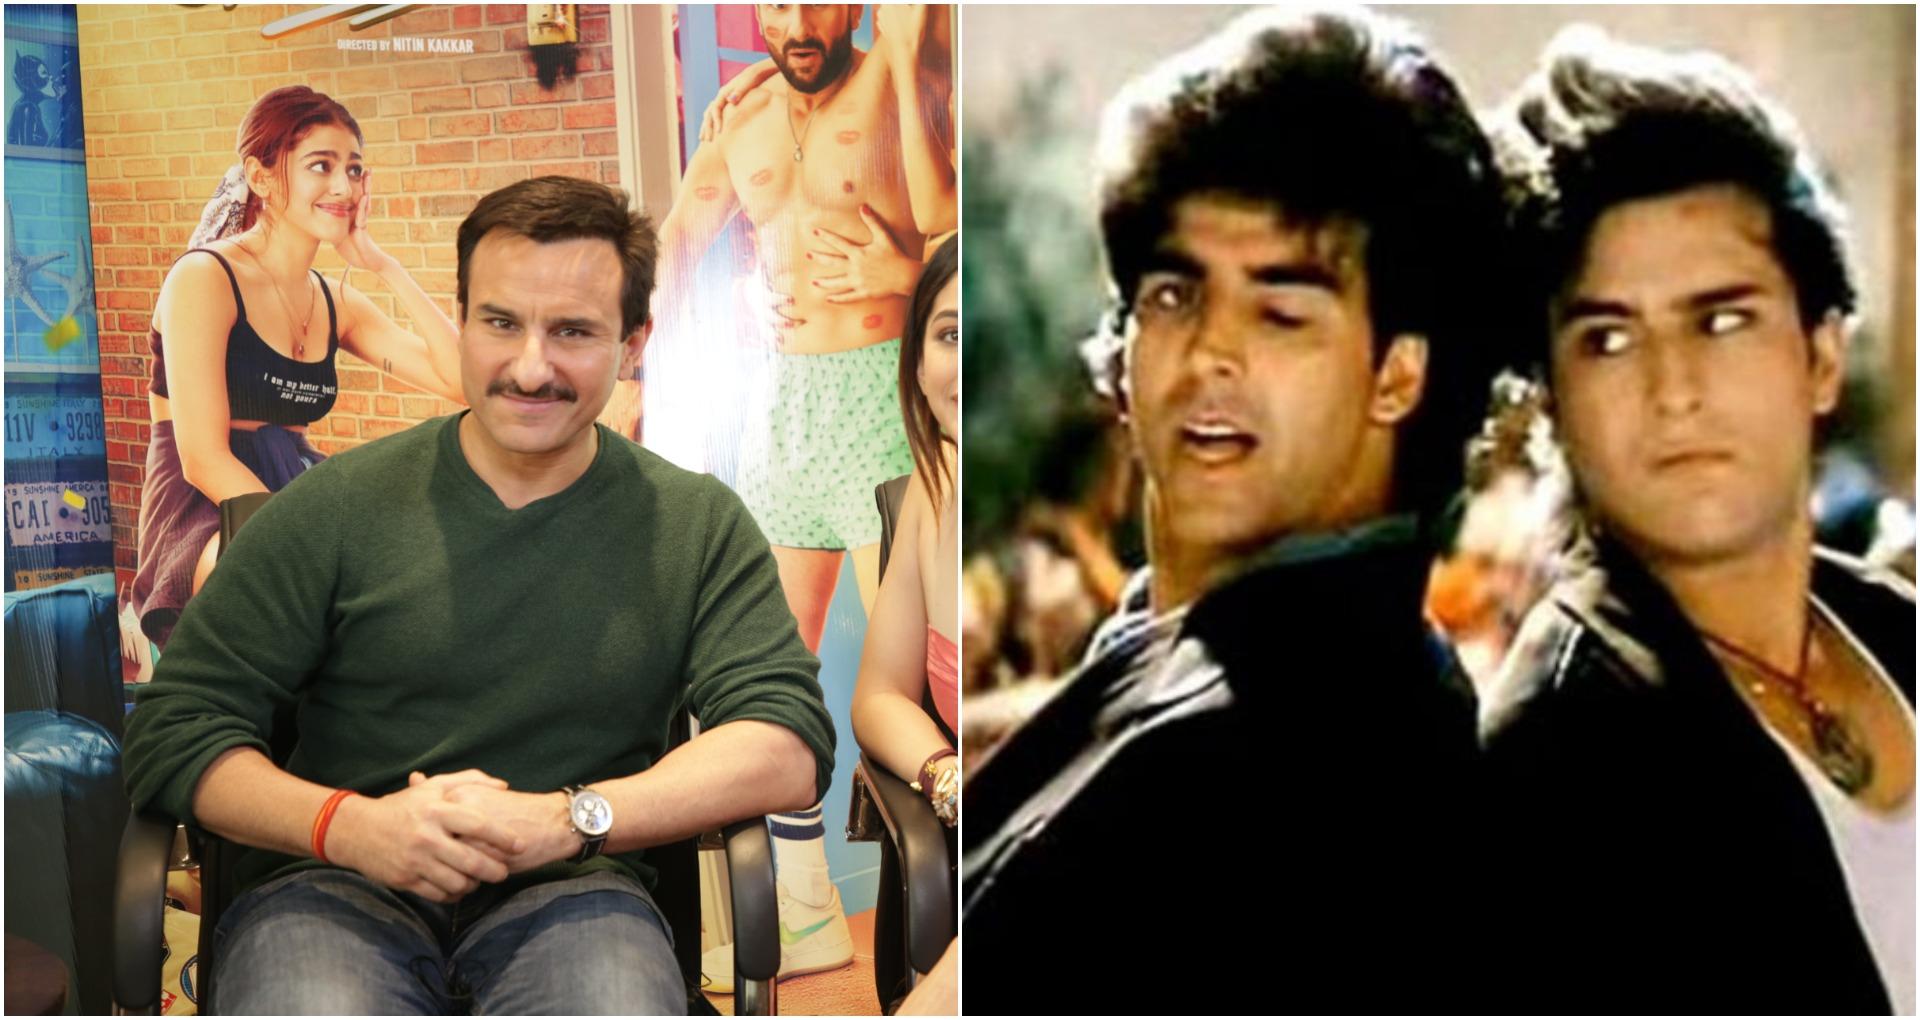 EXCLUSIVE: सैफ अली खान अक्षय कुमार के साथ बना लेते इस सुपरहिट फिल्म की सीक्वल, इस वजह से नहीं बनी ब्लॉकबस्टर